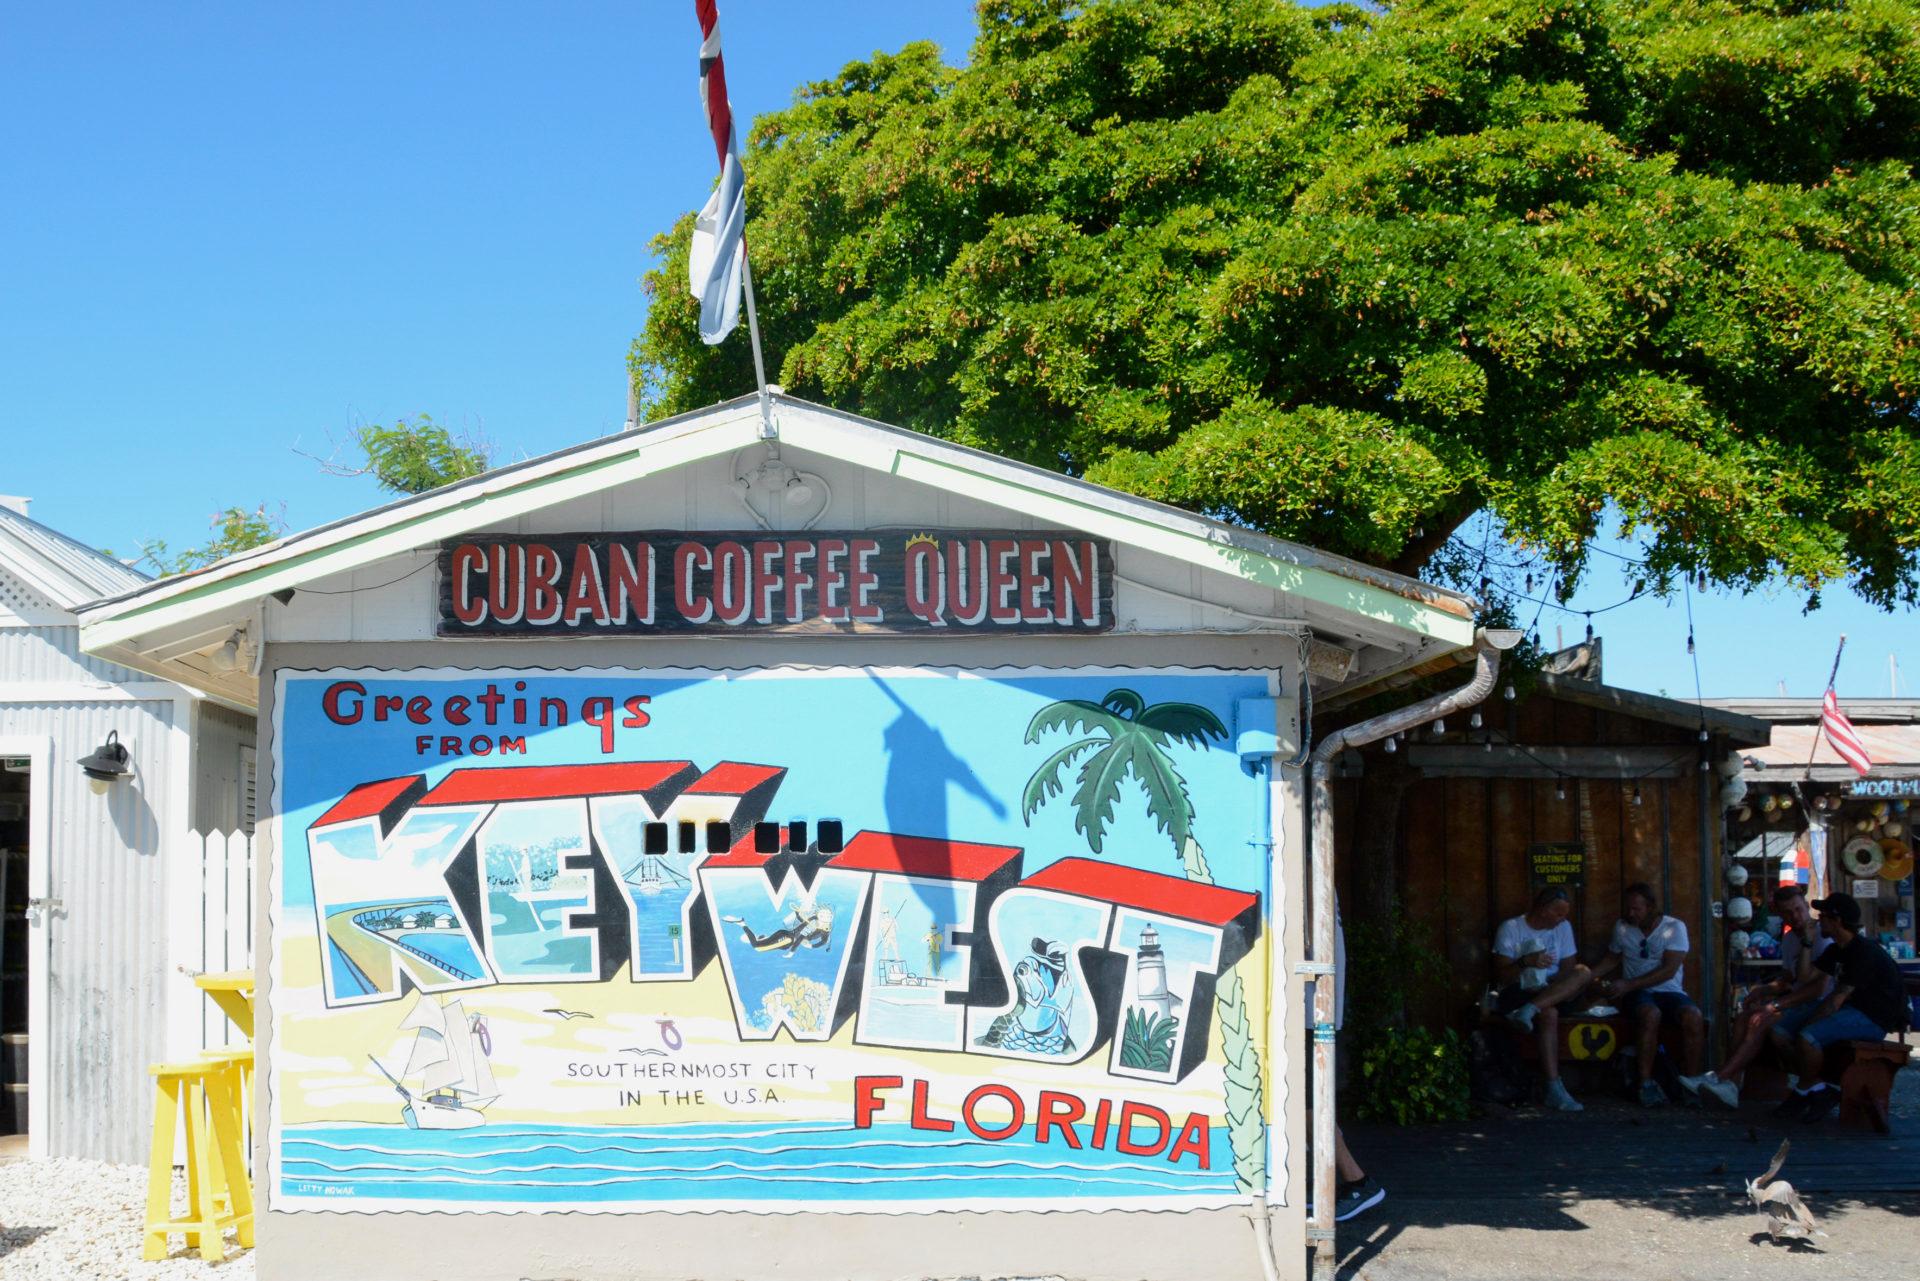 Das Lokal Cuban Coffee Queen ist ein Zwischenstopp bei der Fahrradtour durch Key West